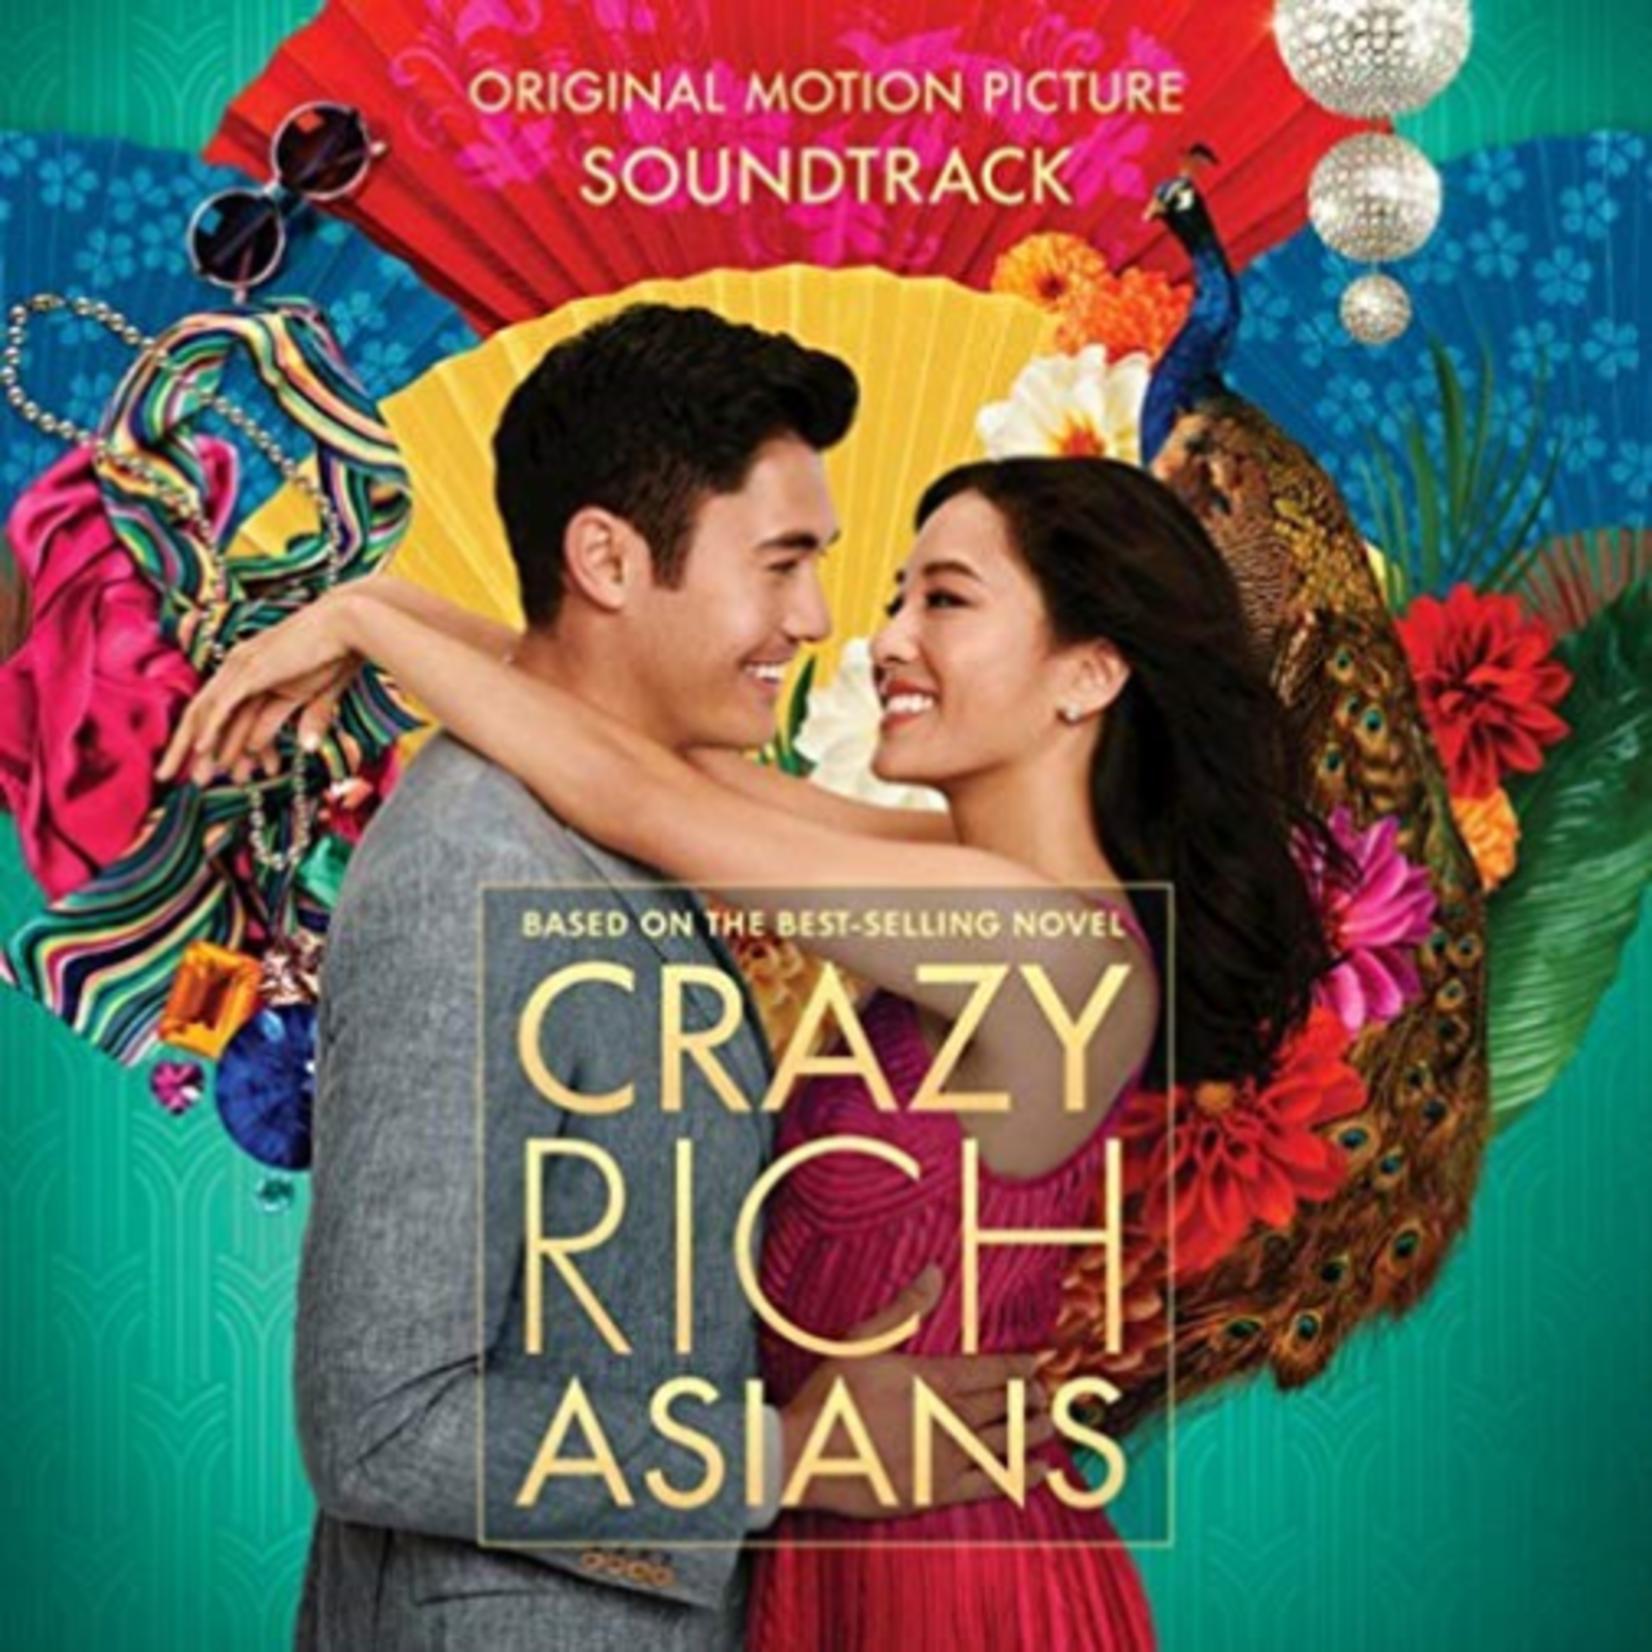 VARIOUS ARTISTS CRAZY RICH ASIANS (LP)